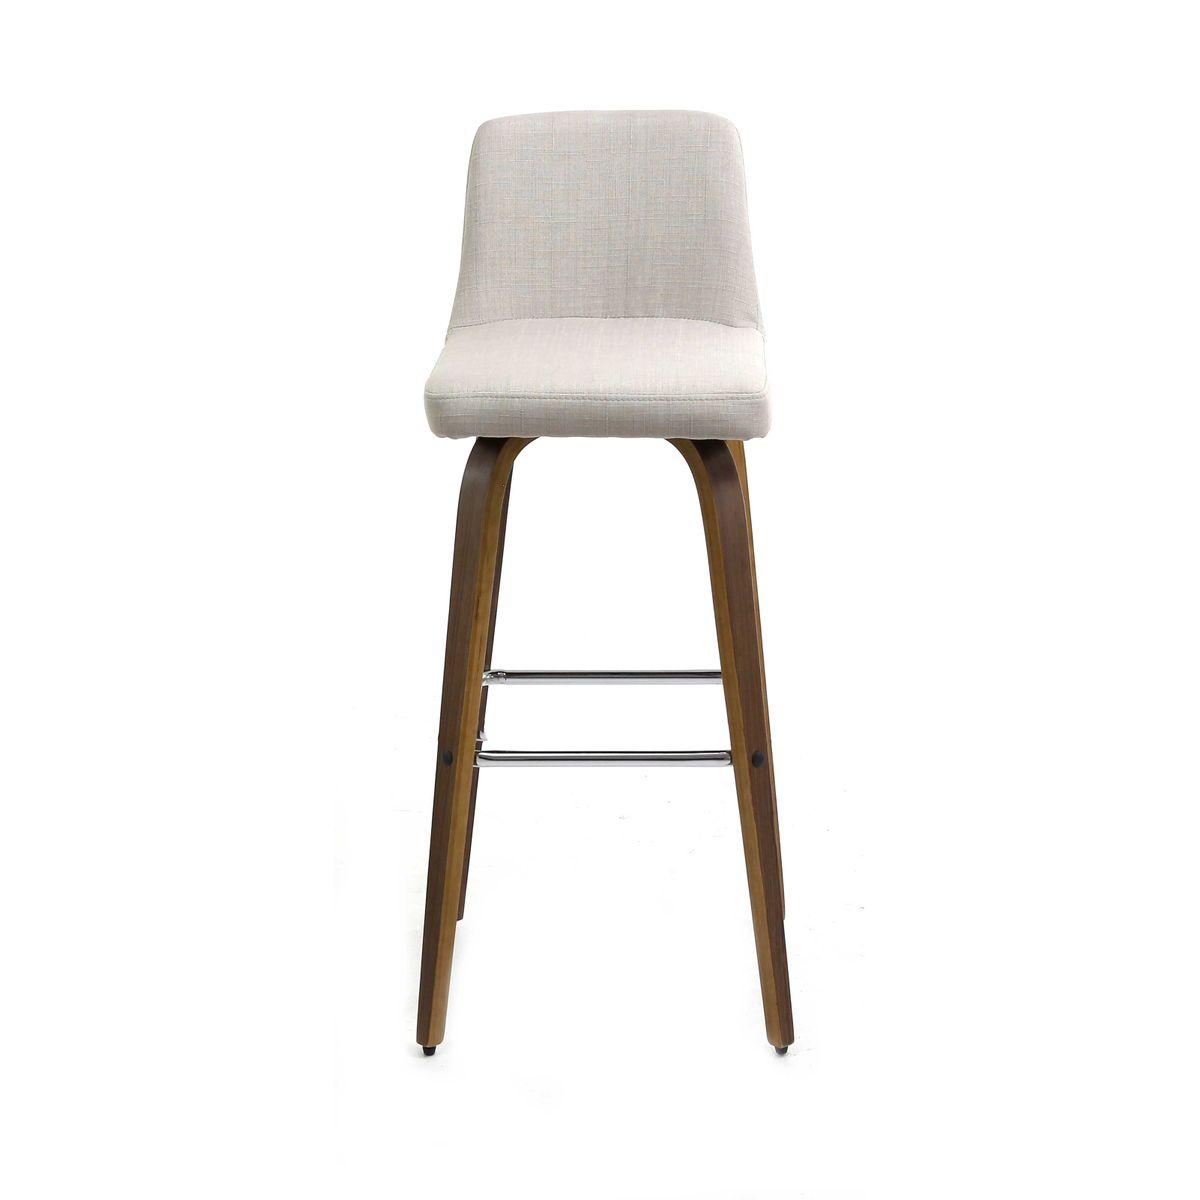 tabouret de bar beige en tissu pi tement bois style scandinave zago store. Black Bedroom Furniture Sets. Home Design Ideas